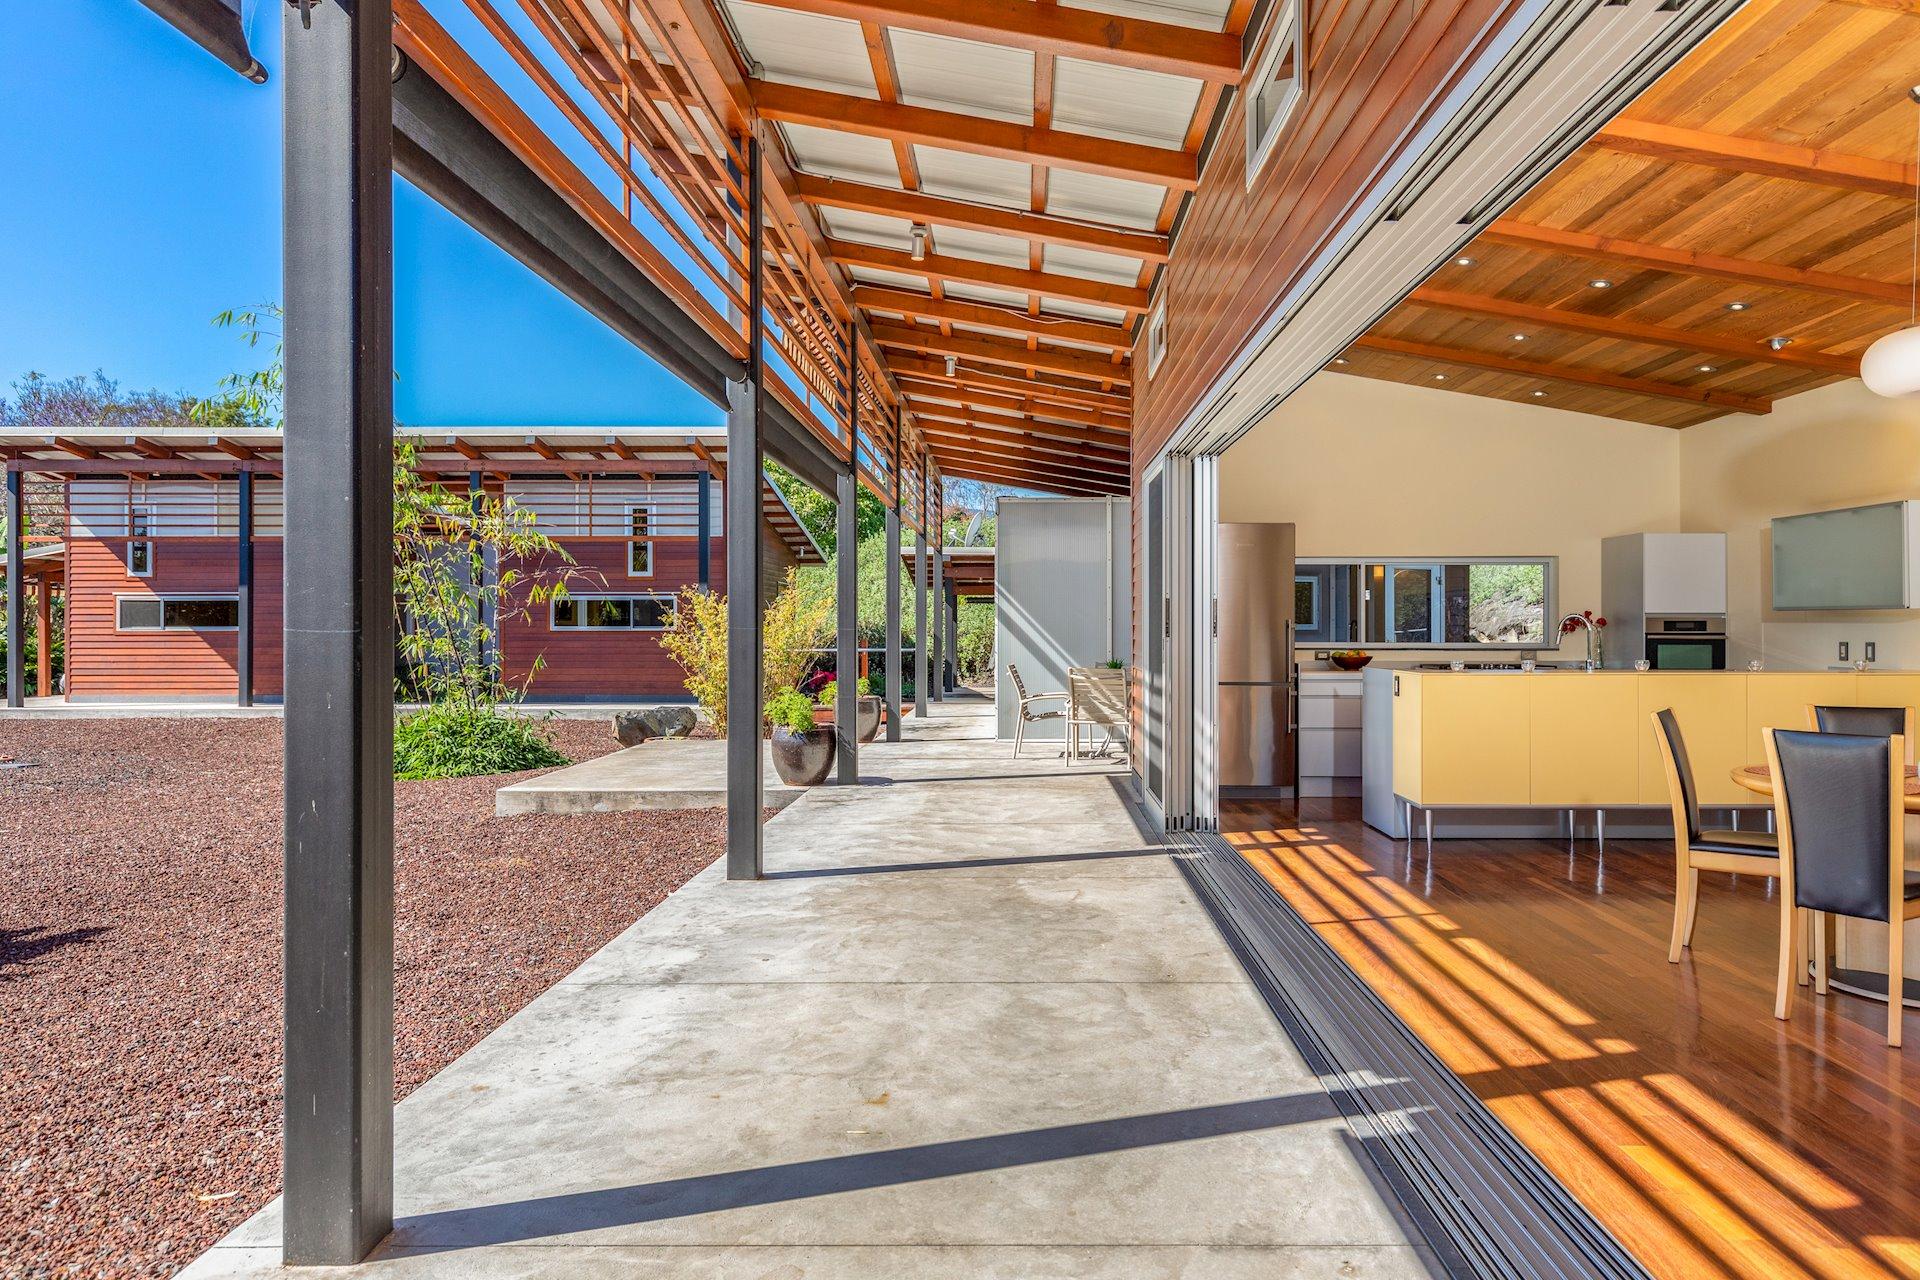 Open up the pocket doors for indoor/outdoor living